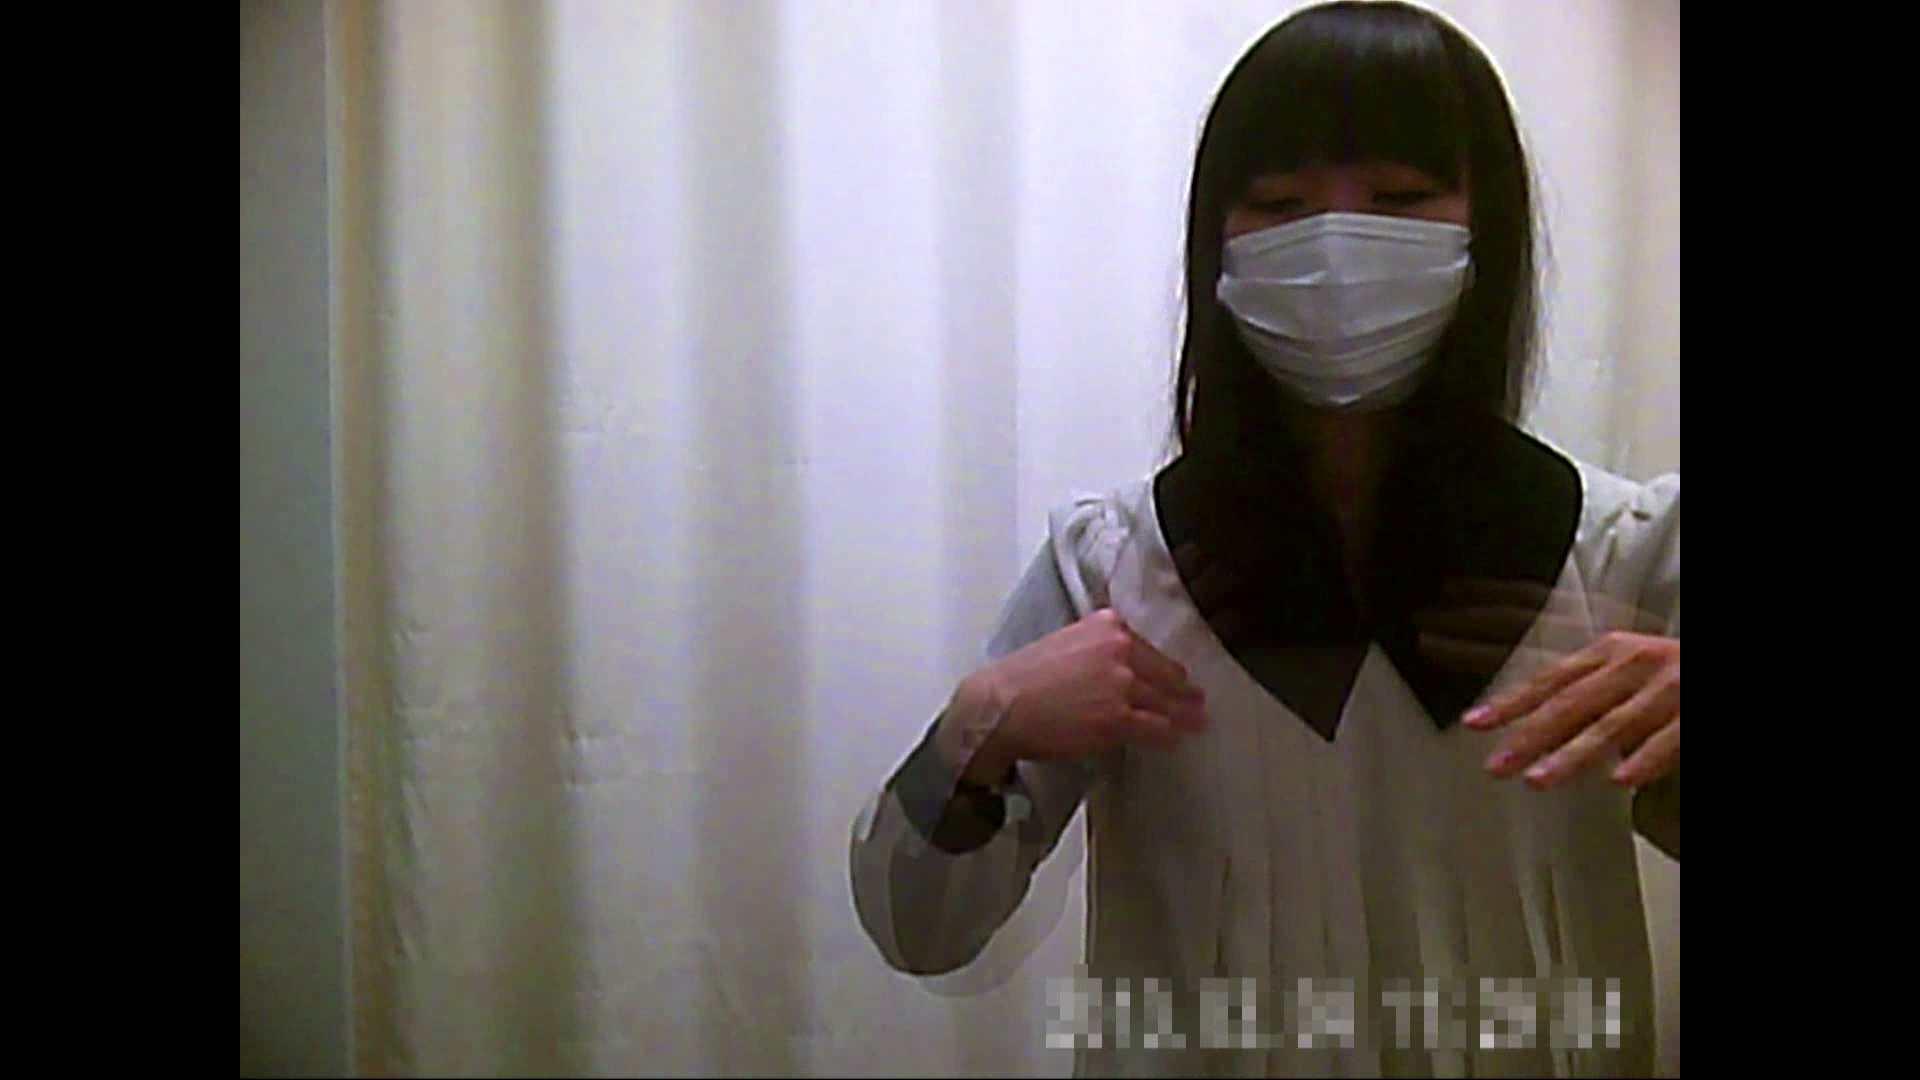 元医者による反抗 更衣室地獄絵巻 vol.103 OLハメ撮り  89Pix 22